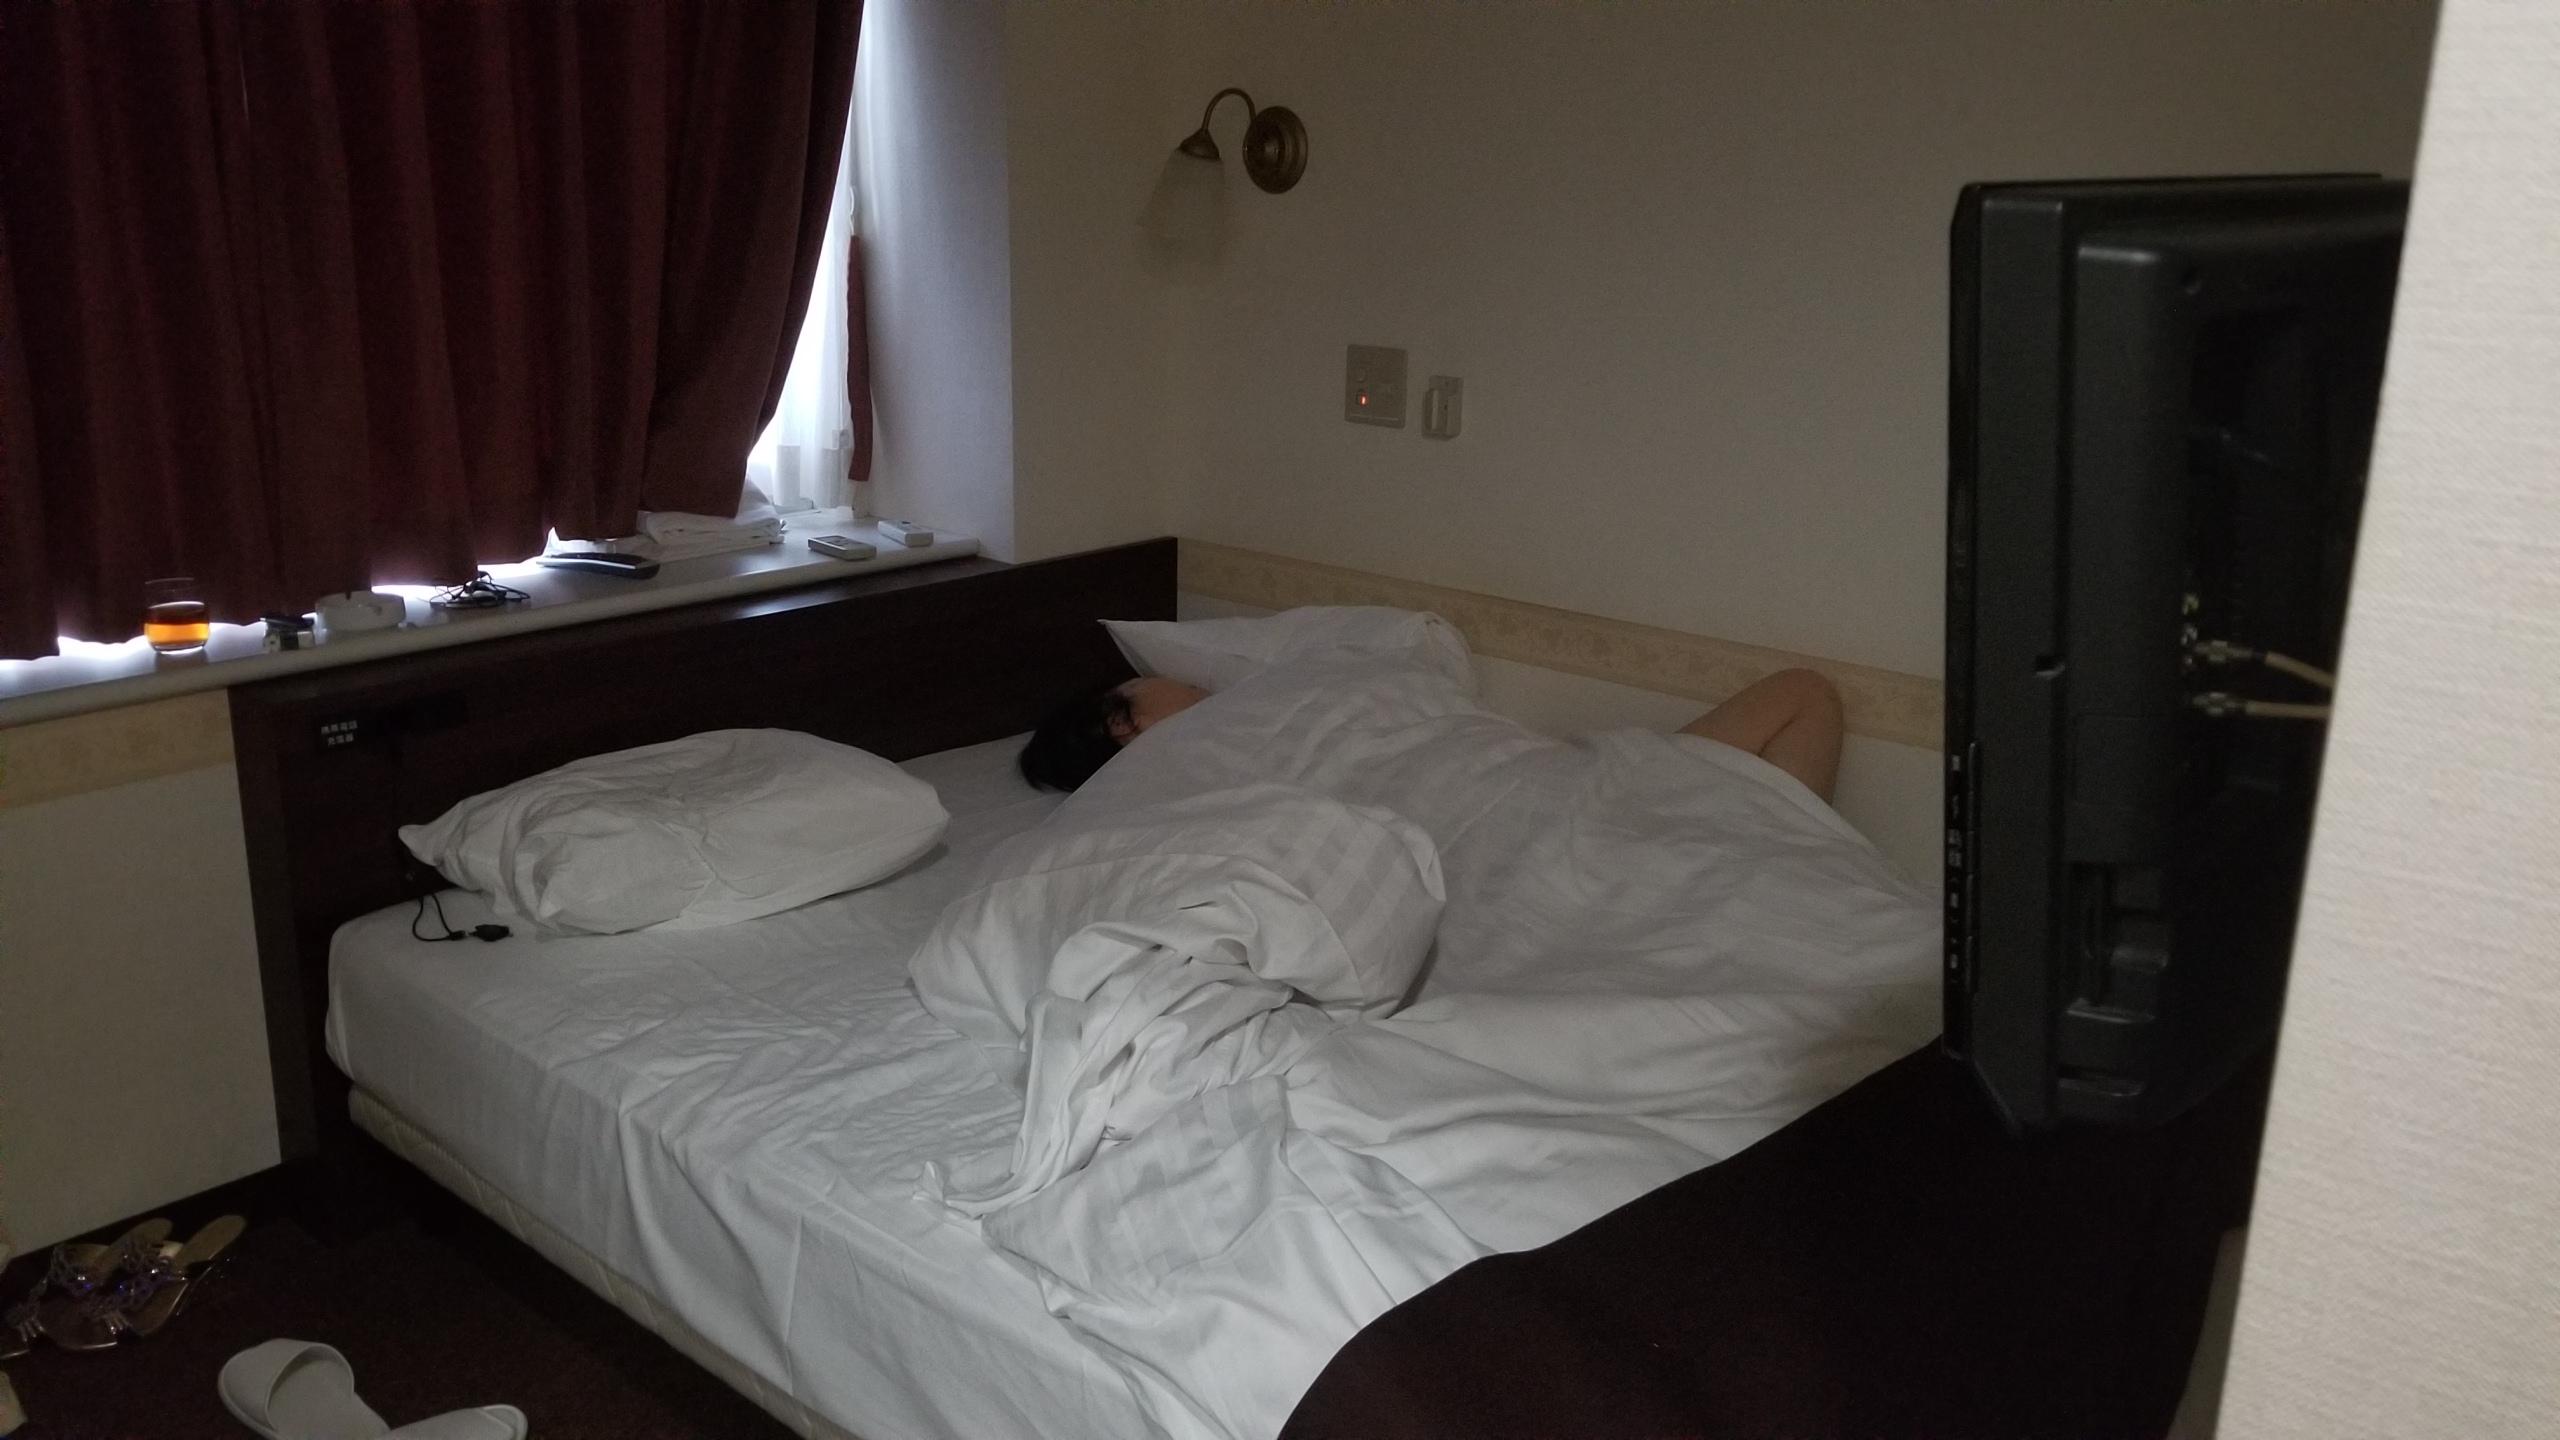 東京新橋,ホテルチェックイン,母親の寝相,旅の疲れ,爆睡,ありがとう